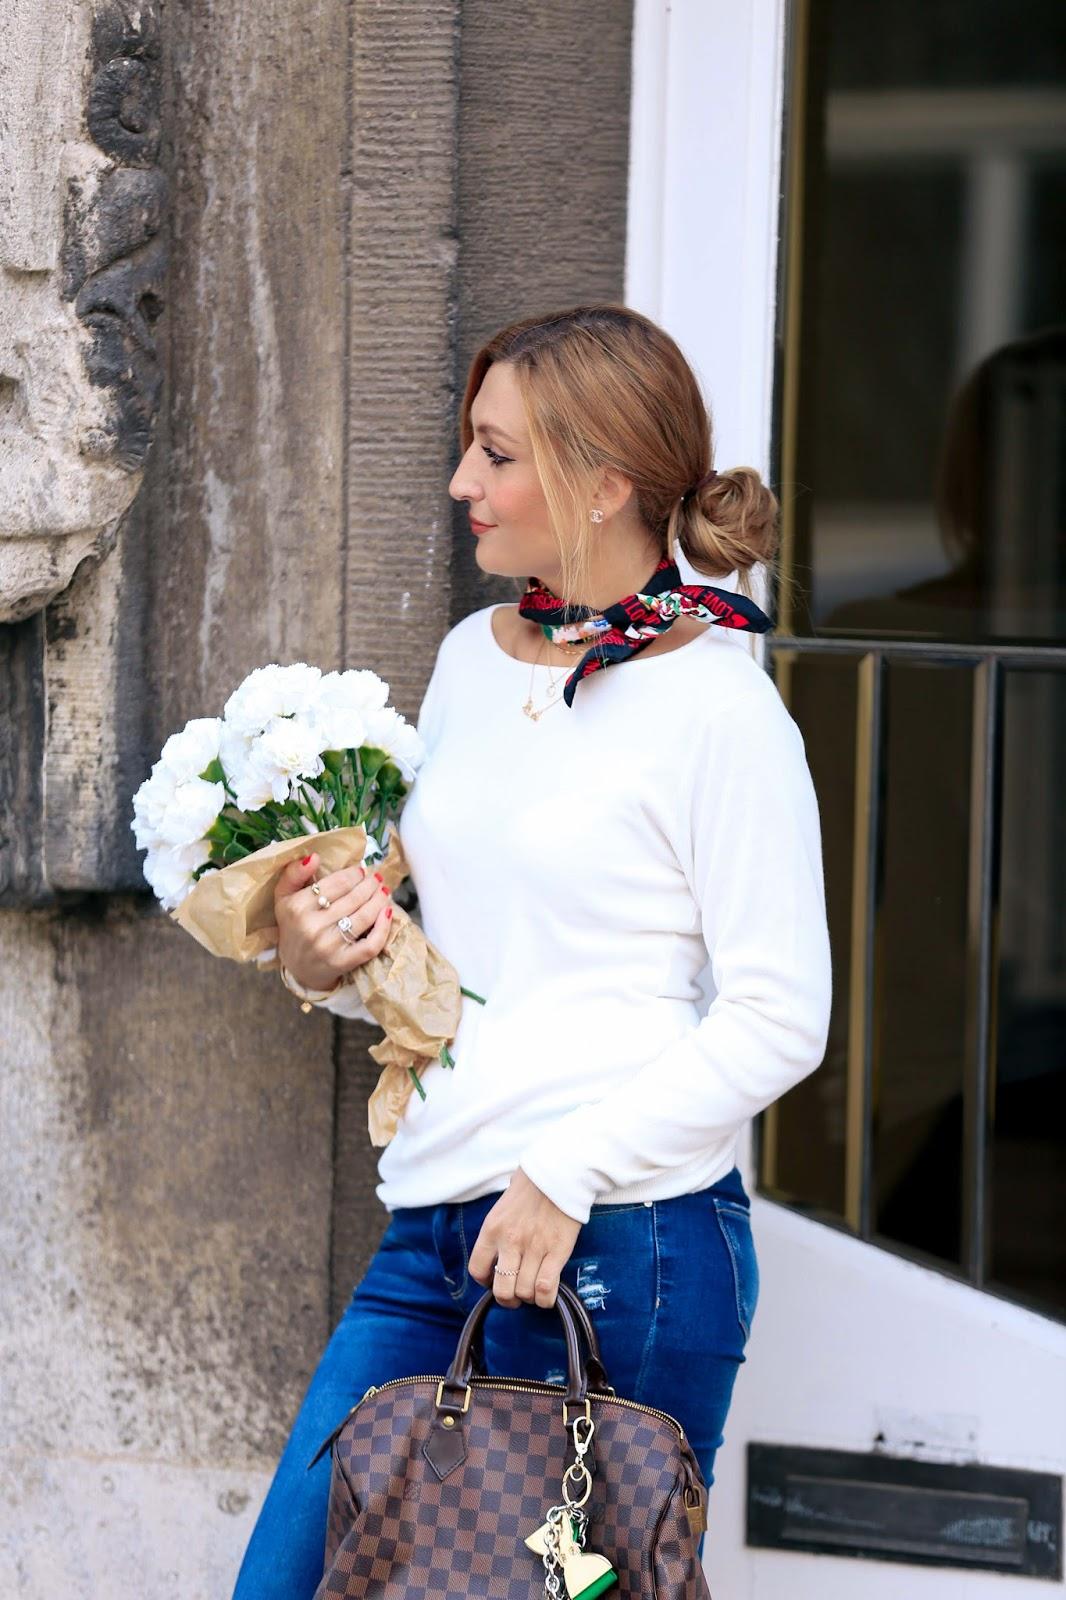 Fashionstylebyjohanna-LV-Speedy-Braune-LouiseVuitton-Tasche